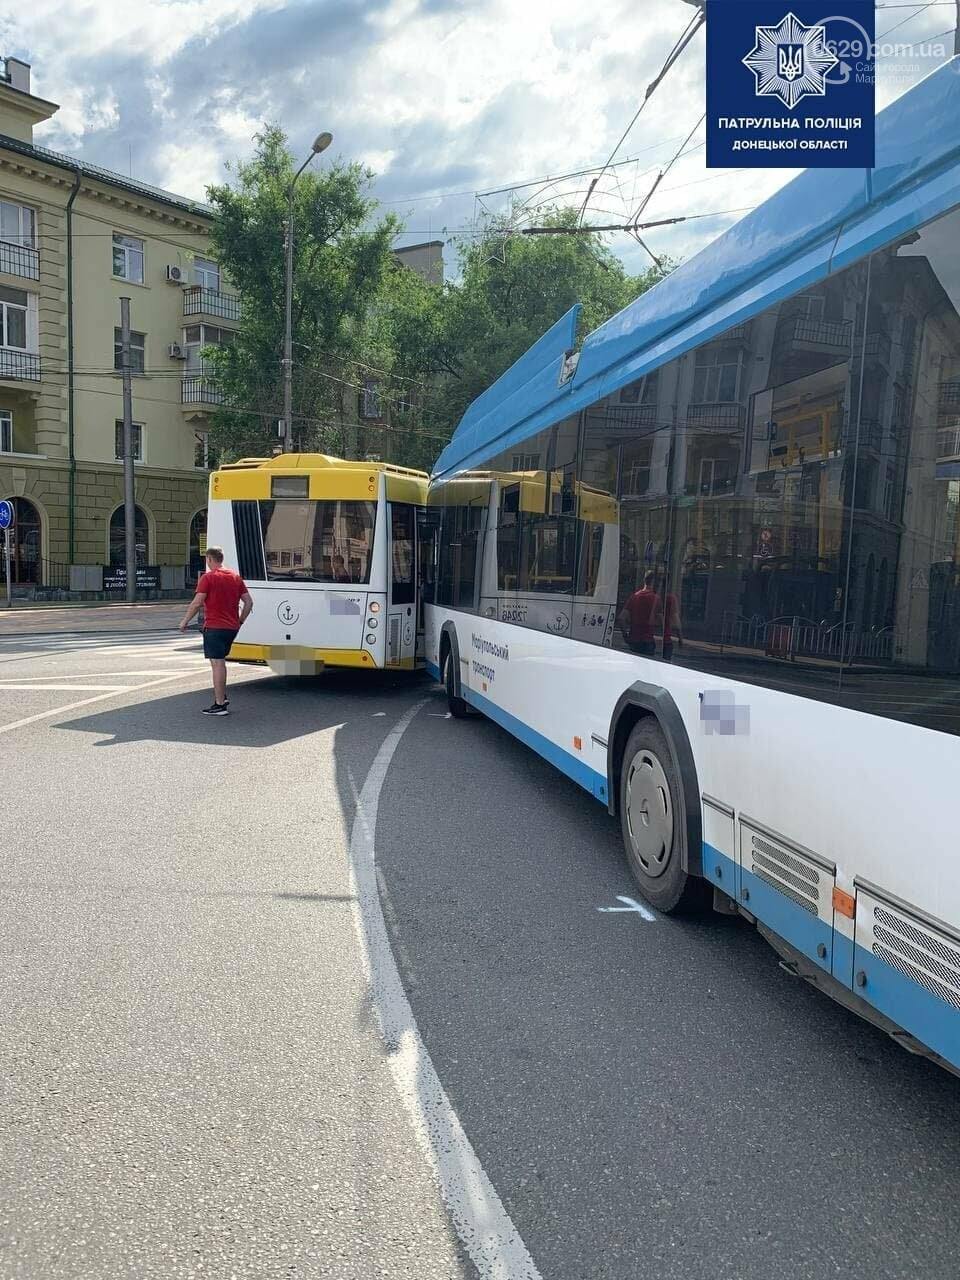 В самом центре Мариуполя столкнулись автобус и троллейбус, - ФОТОФАКТ, фото-8